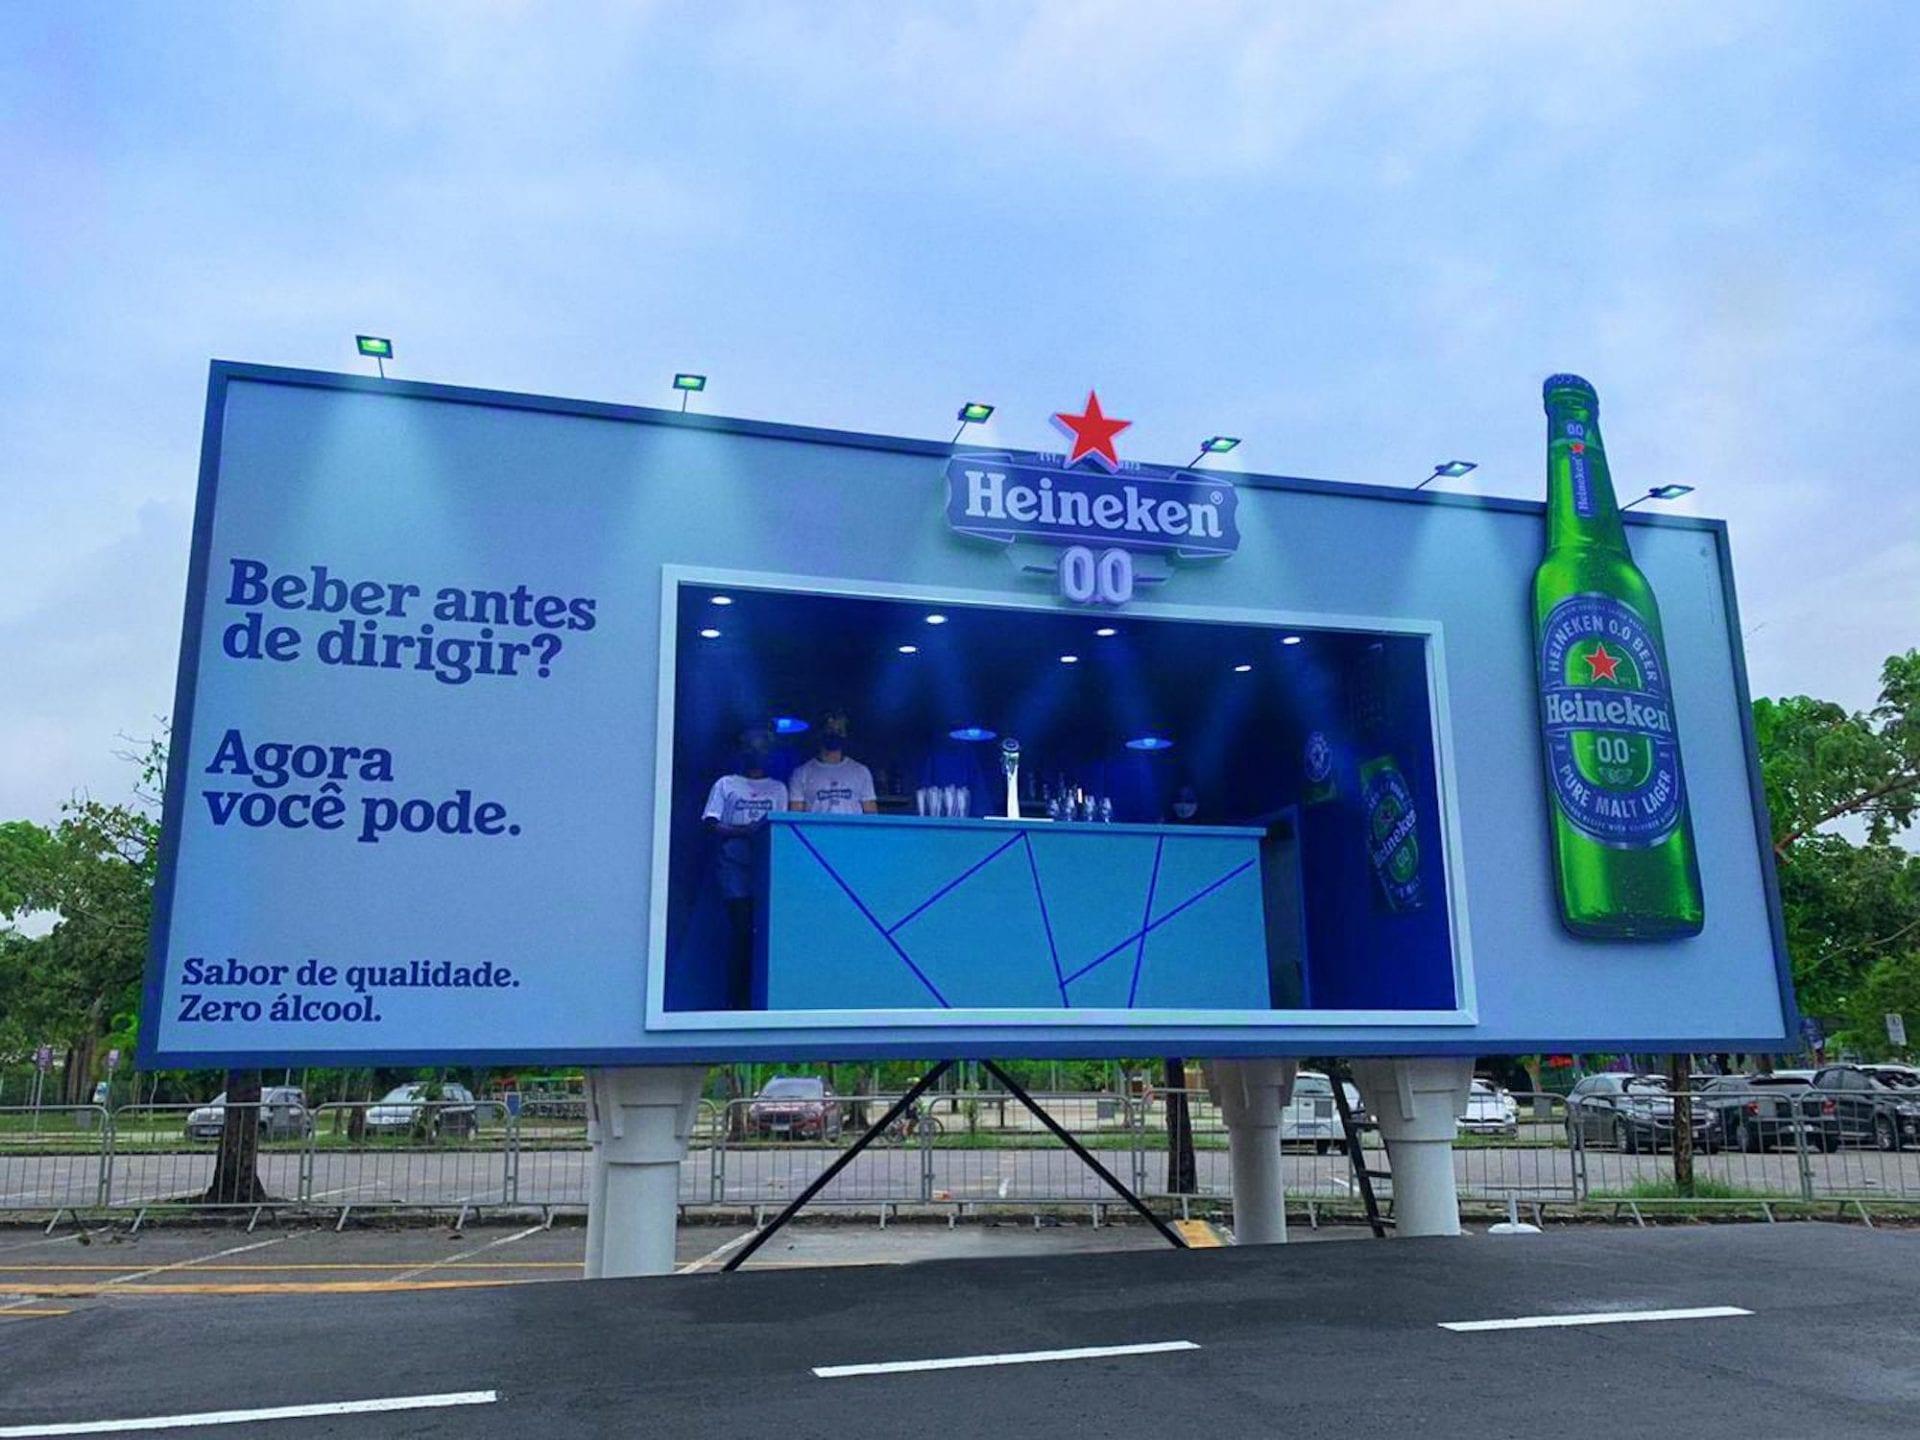 Heineken transforme un panneau publicitaire en bar pour promouvoir sa bière sans alcool